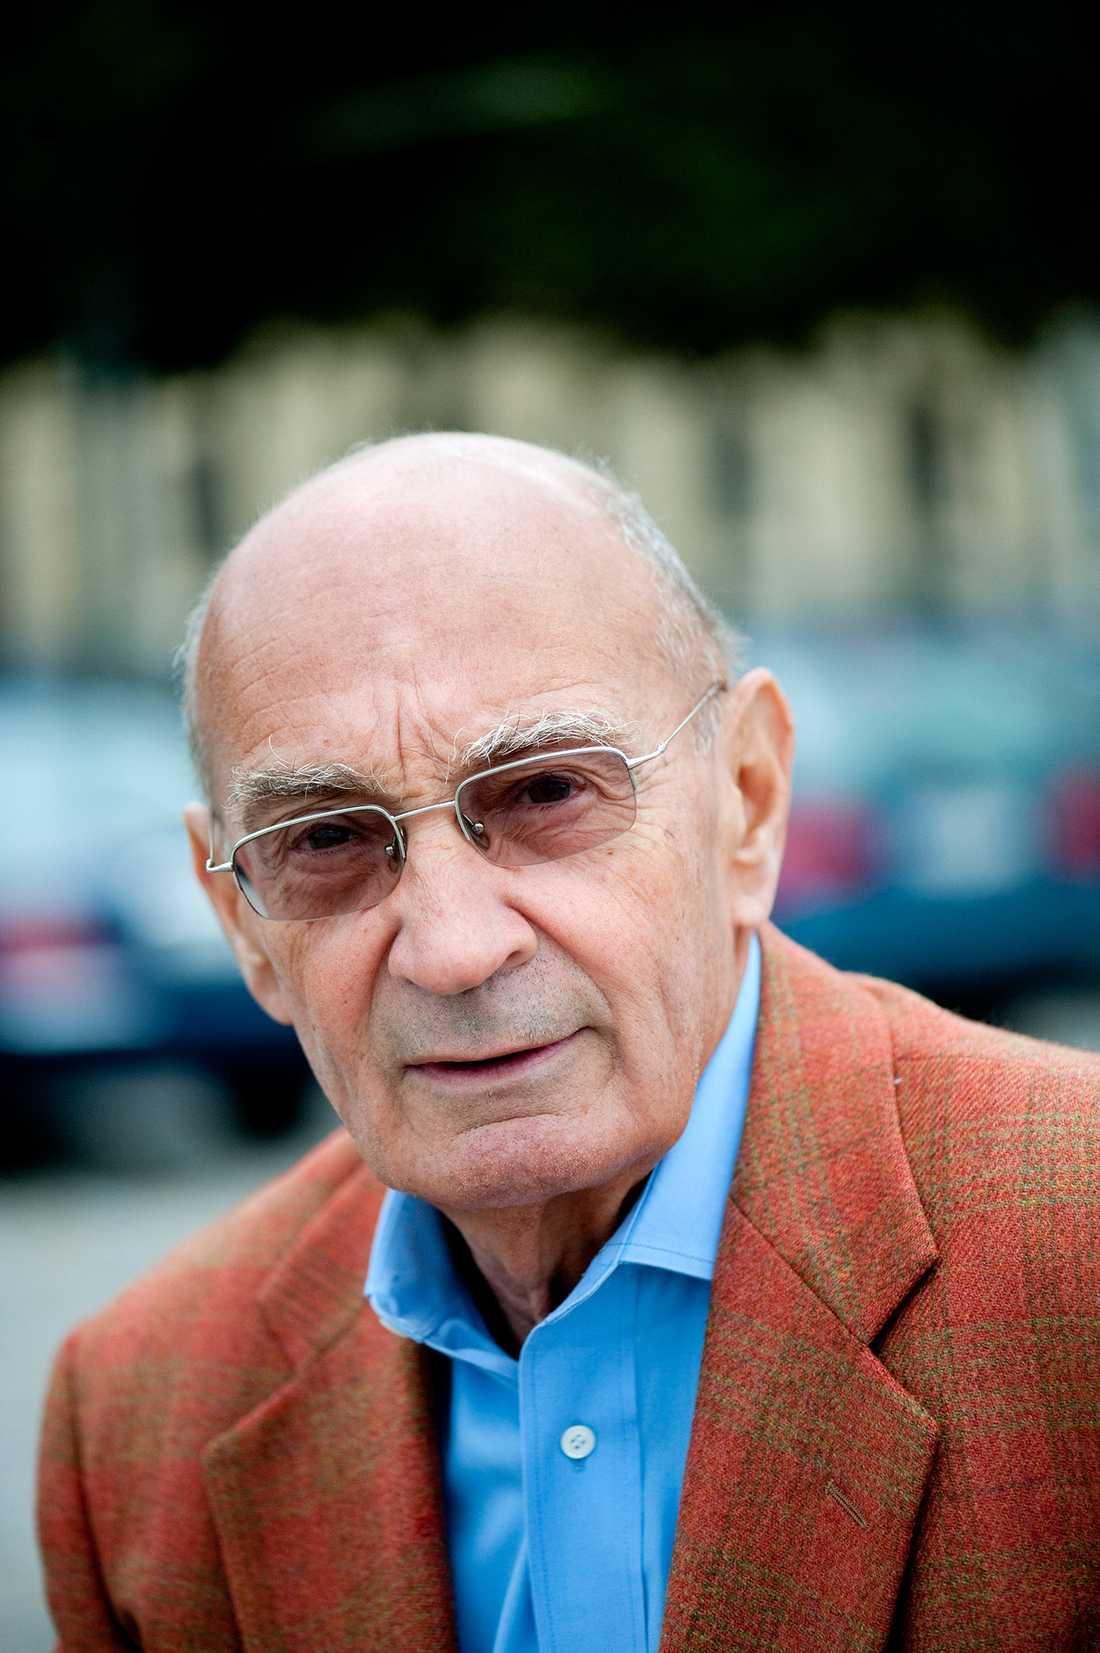 """""""Jag kommer att komma ihåg honom som revolutionens mästare. Han lyckades verkligen hålla sitt folk fånget i kommunismens bojor under många årtionden"""", säger tidigare M-ledaren Ulf Adehlson."""